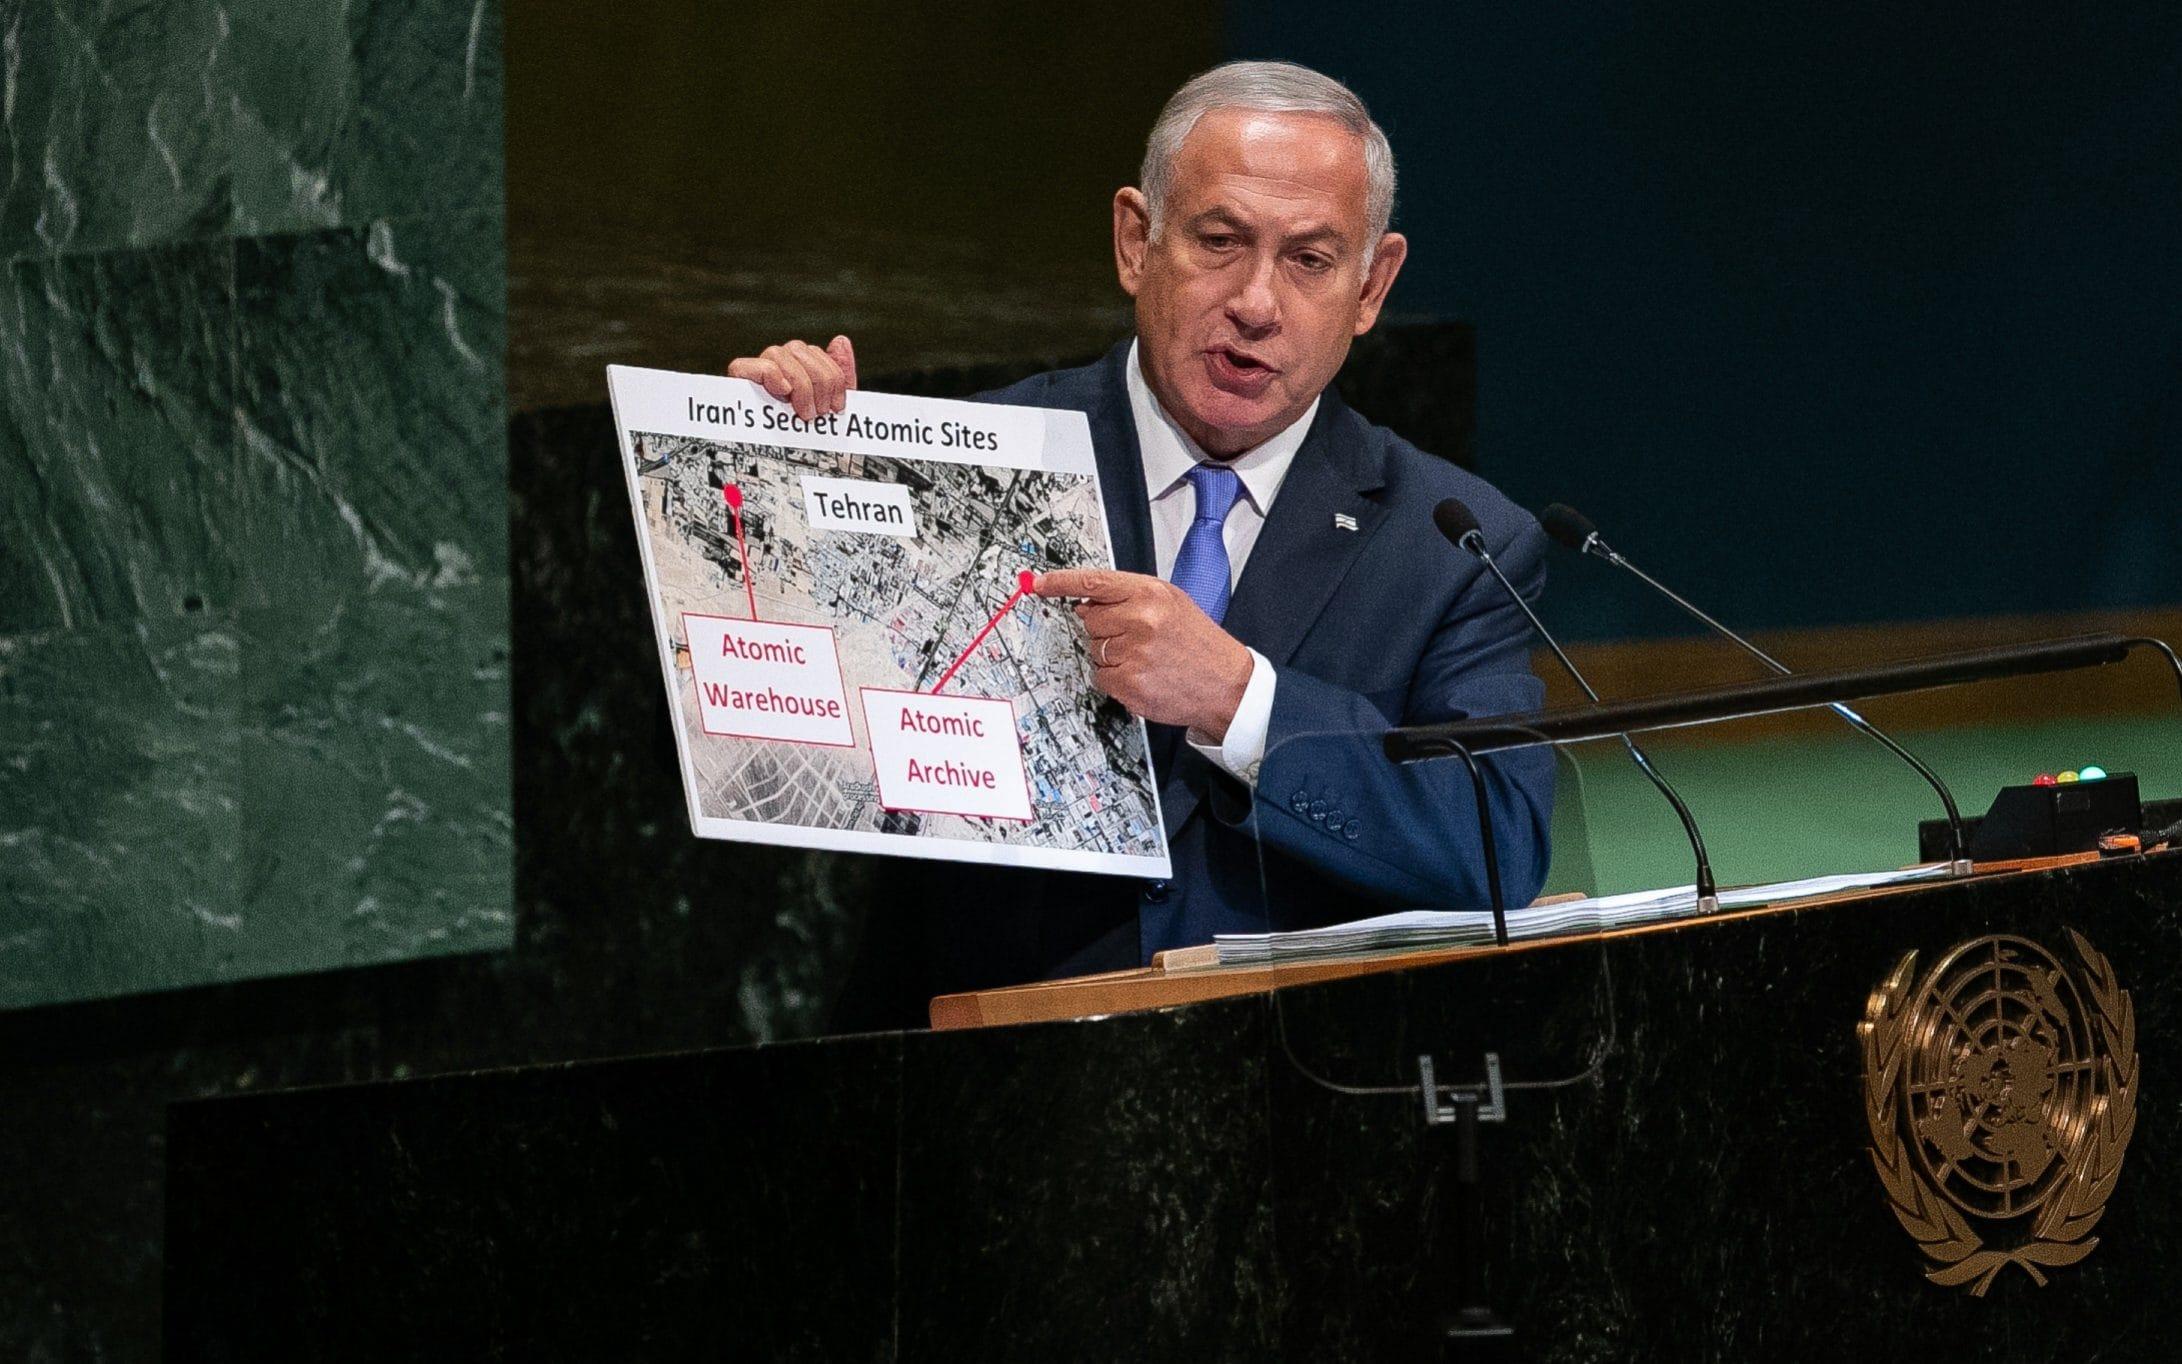 اندیشکده کارنگی: سرمستی سازش اعراب، ناکامی بزرگ نتانیاهو در برابر ایران را جبران نمیکند